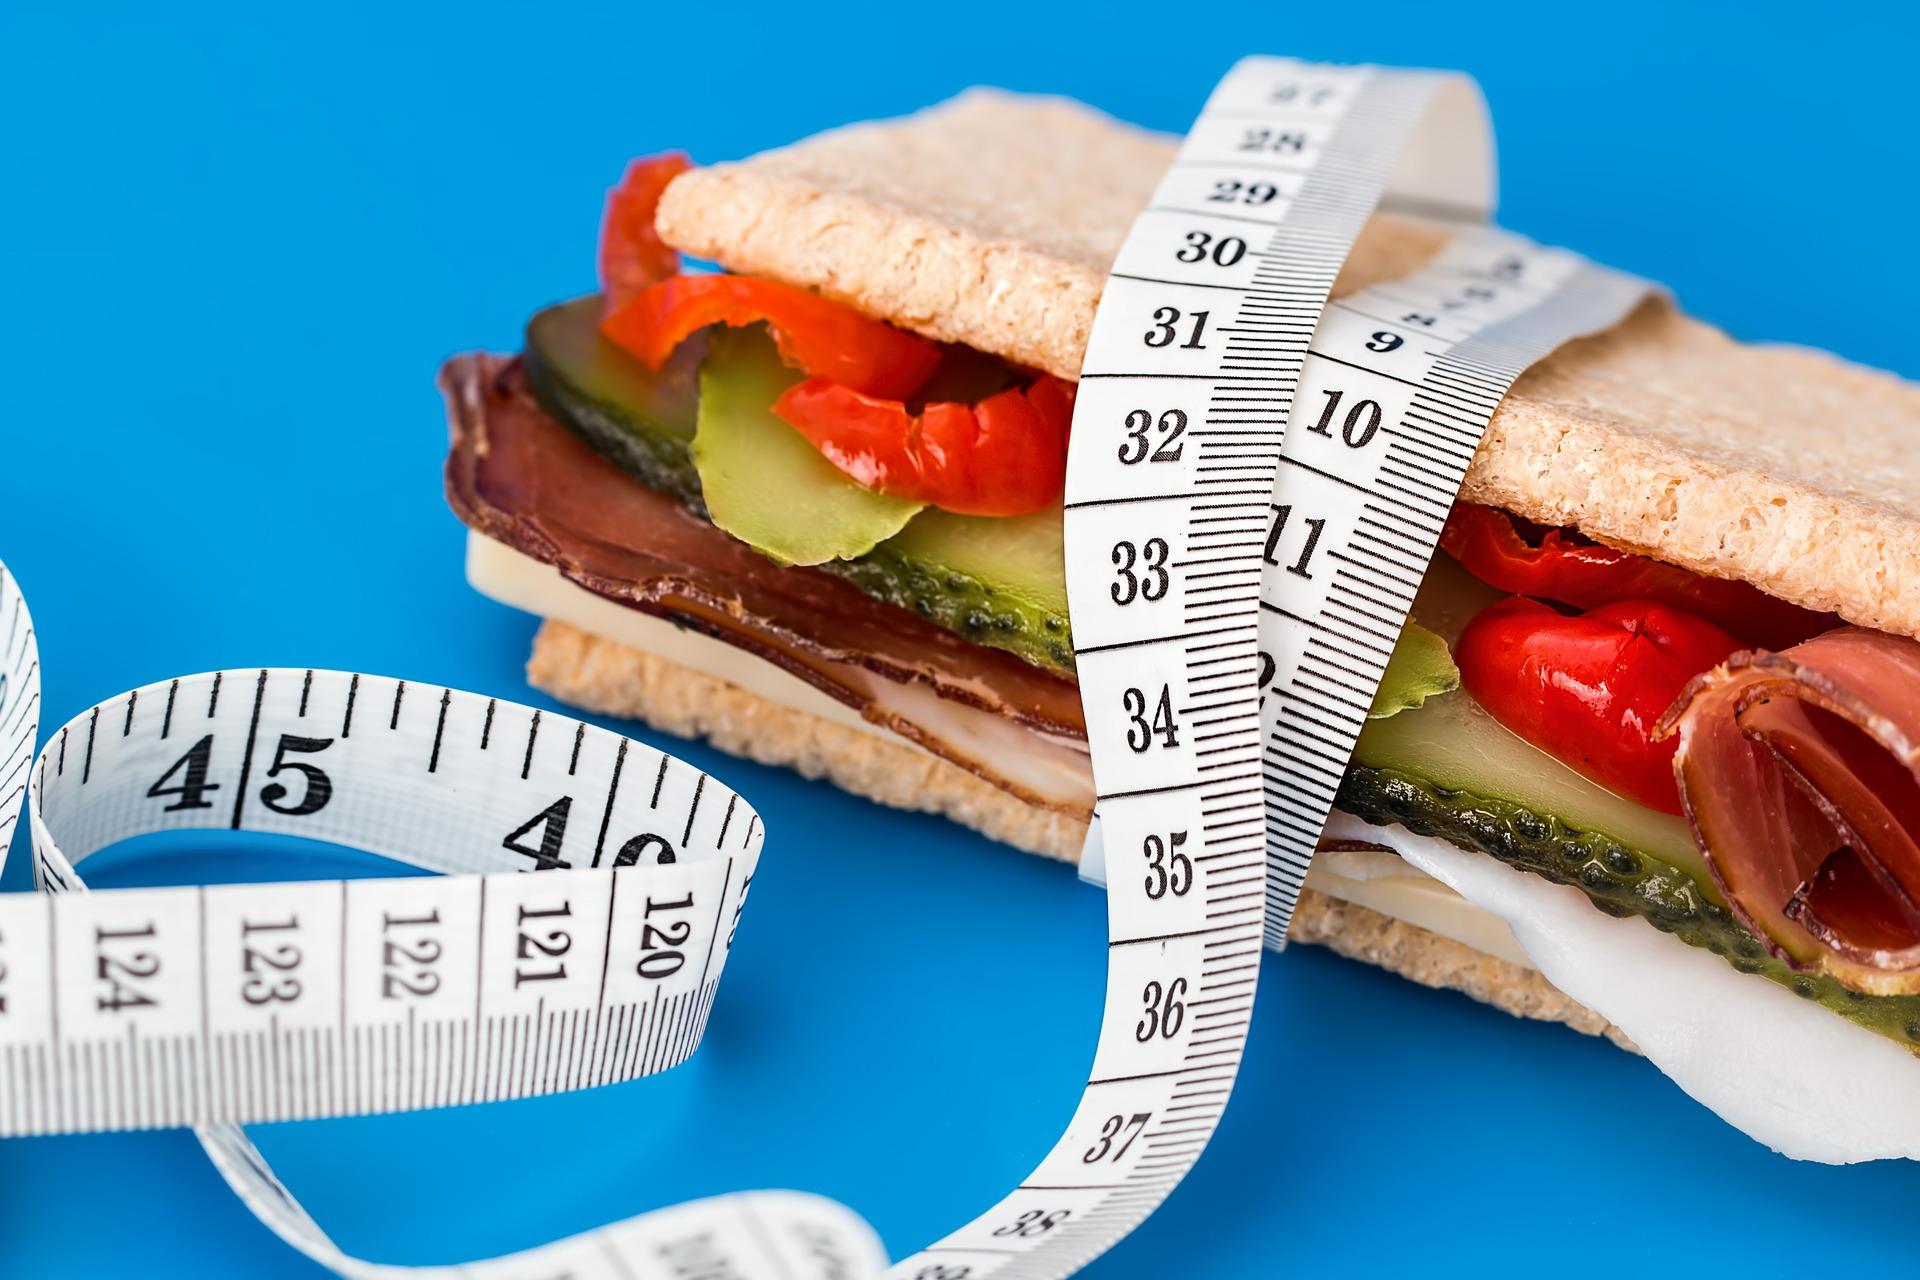 Trastornos de la alimentación: tipos y causas.